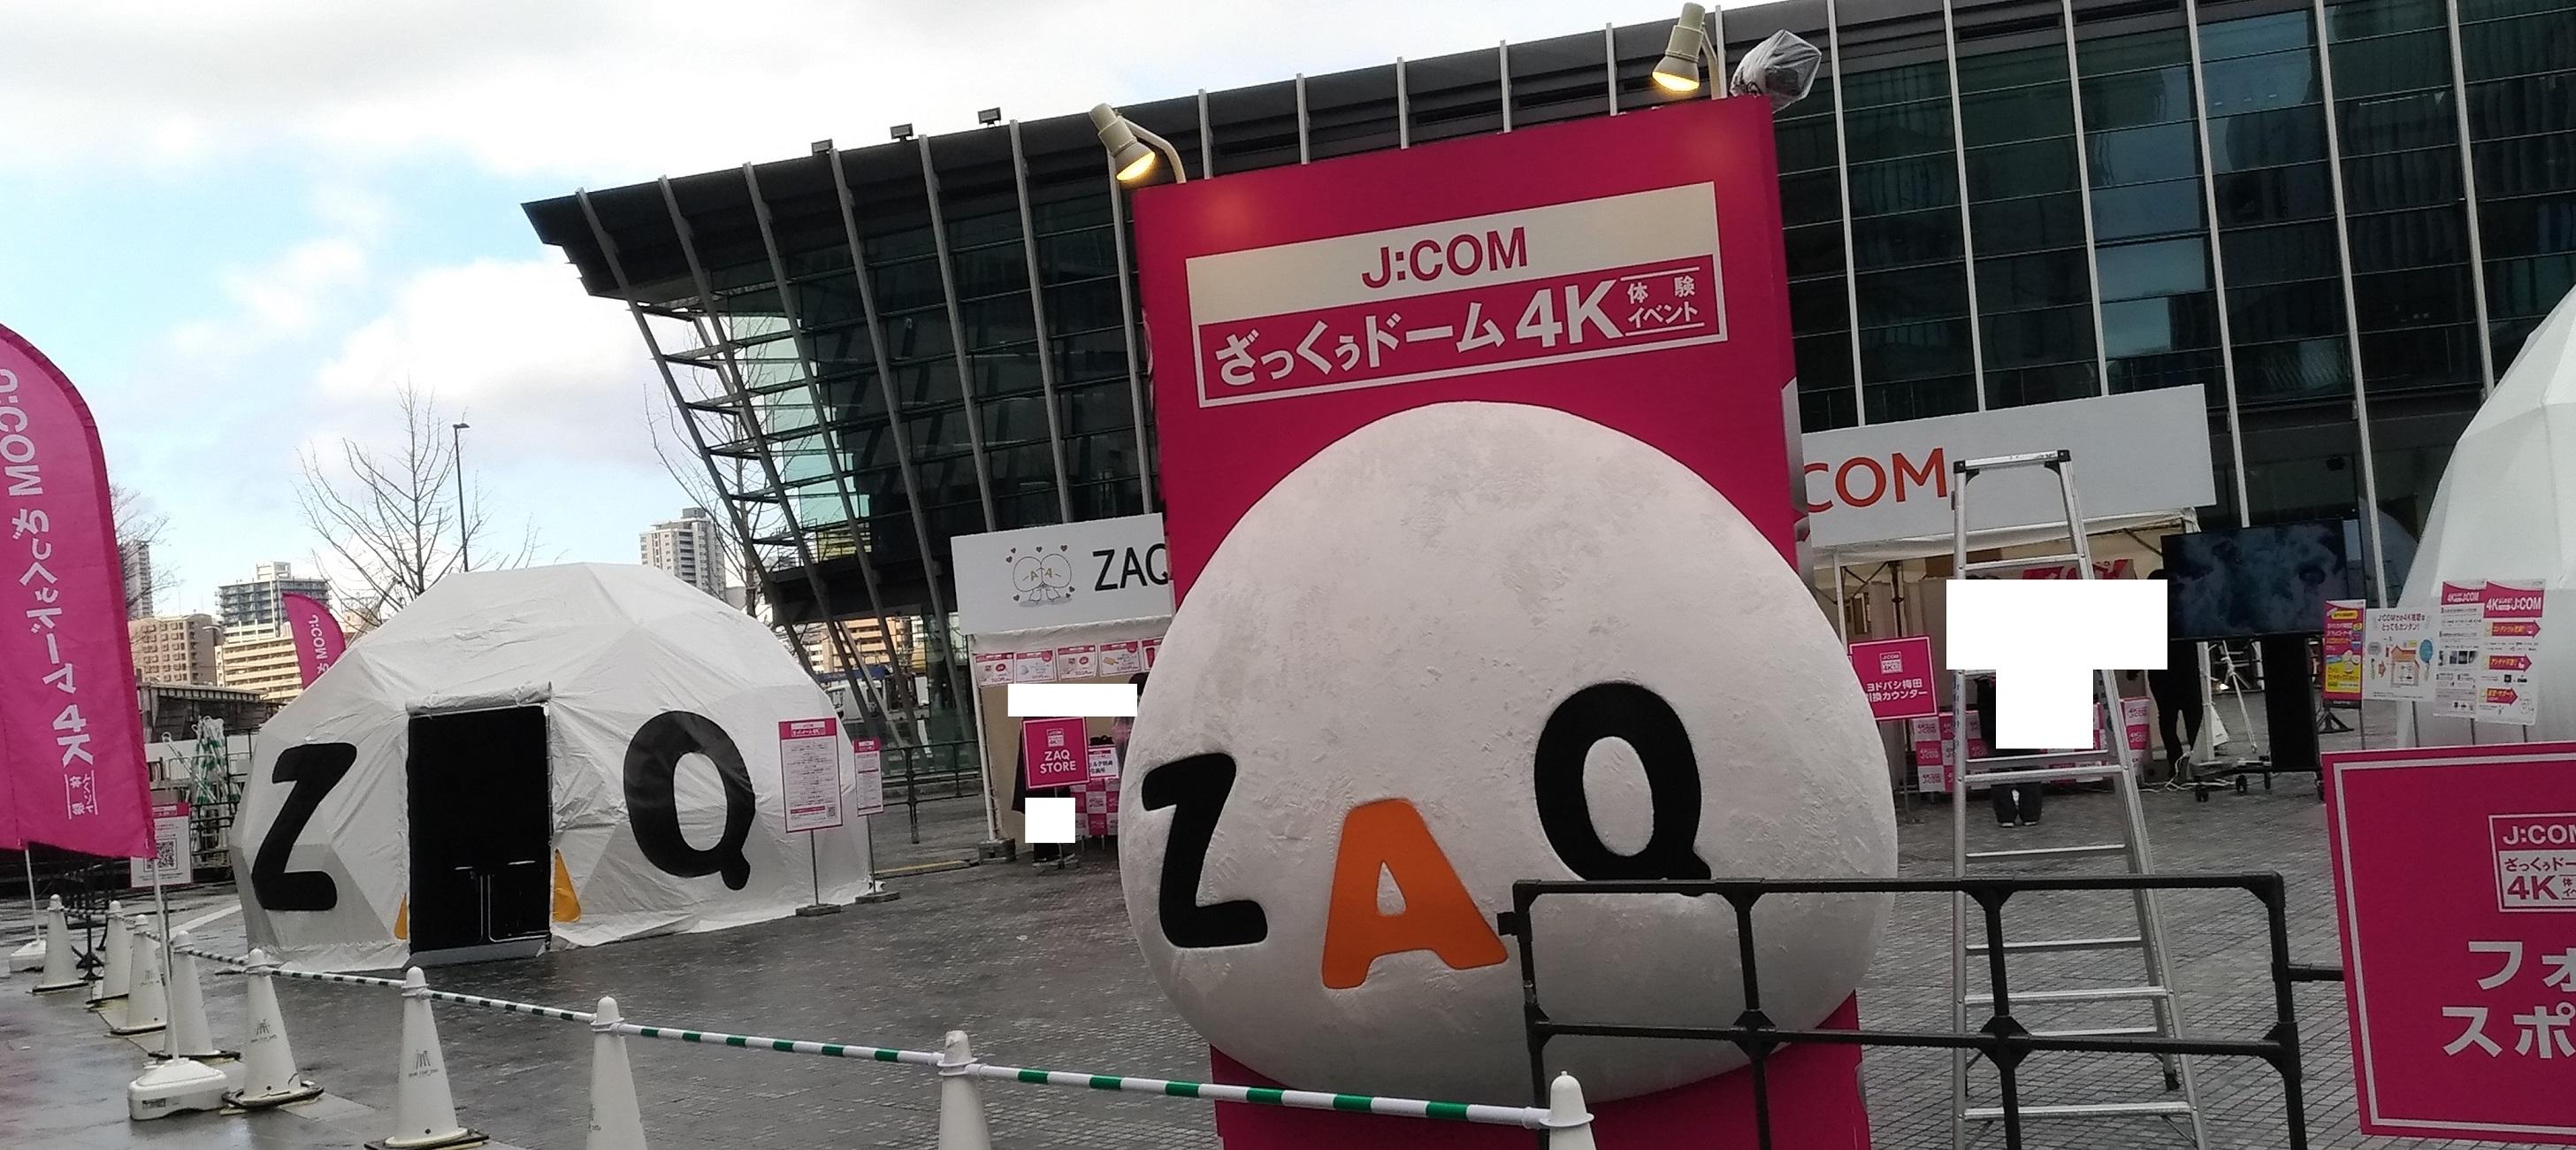 osaka_granfront_umekita_jcom_2.jpg